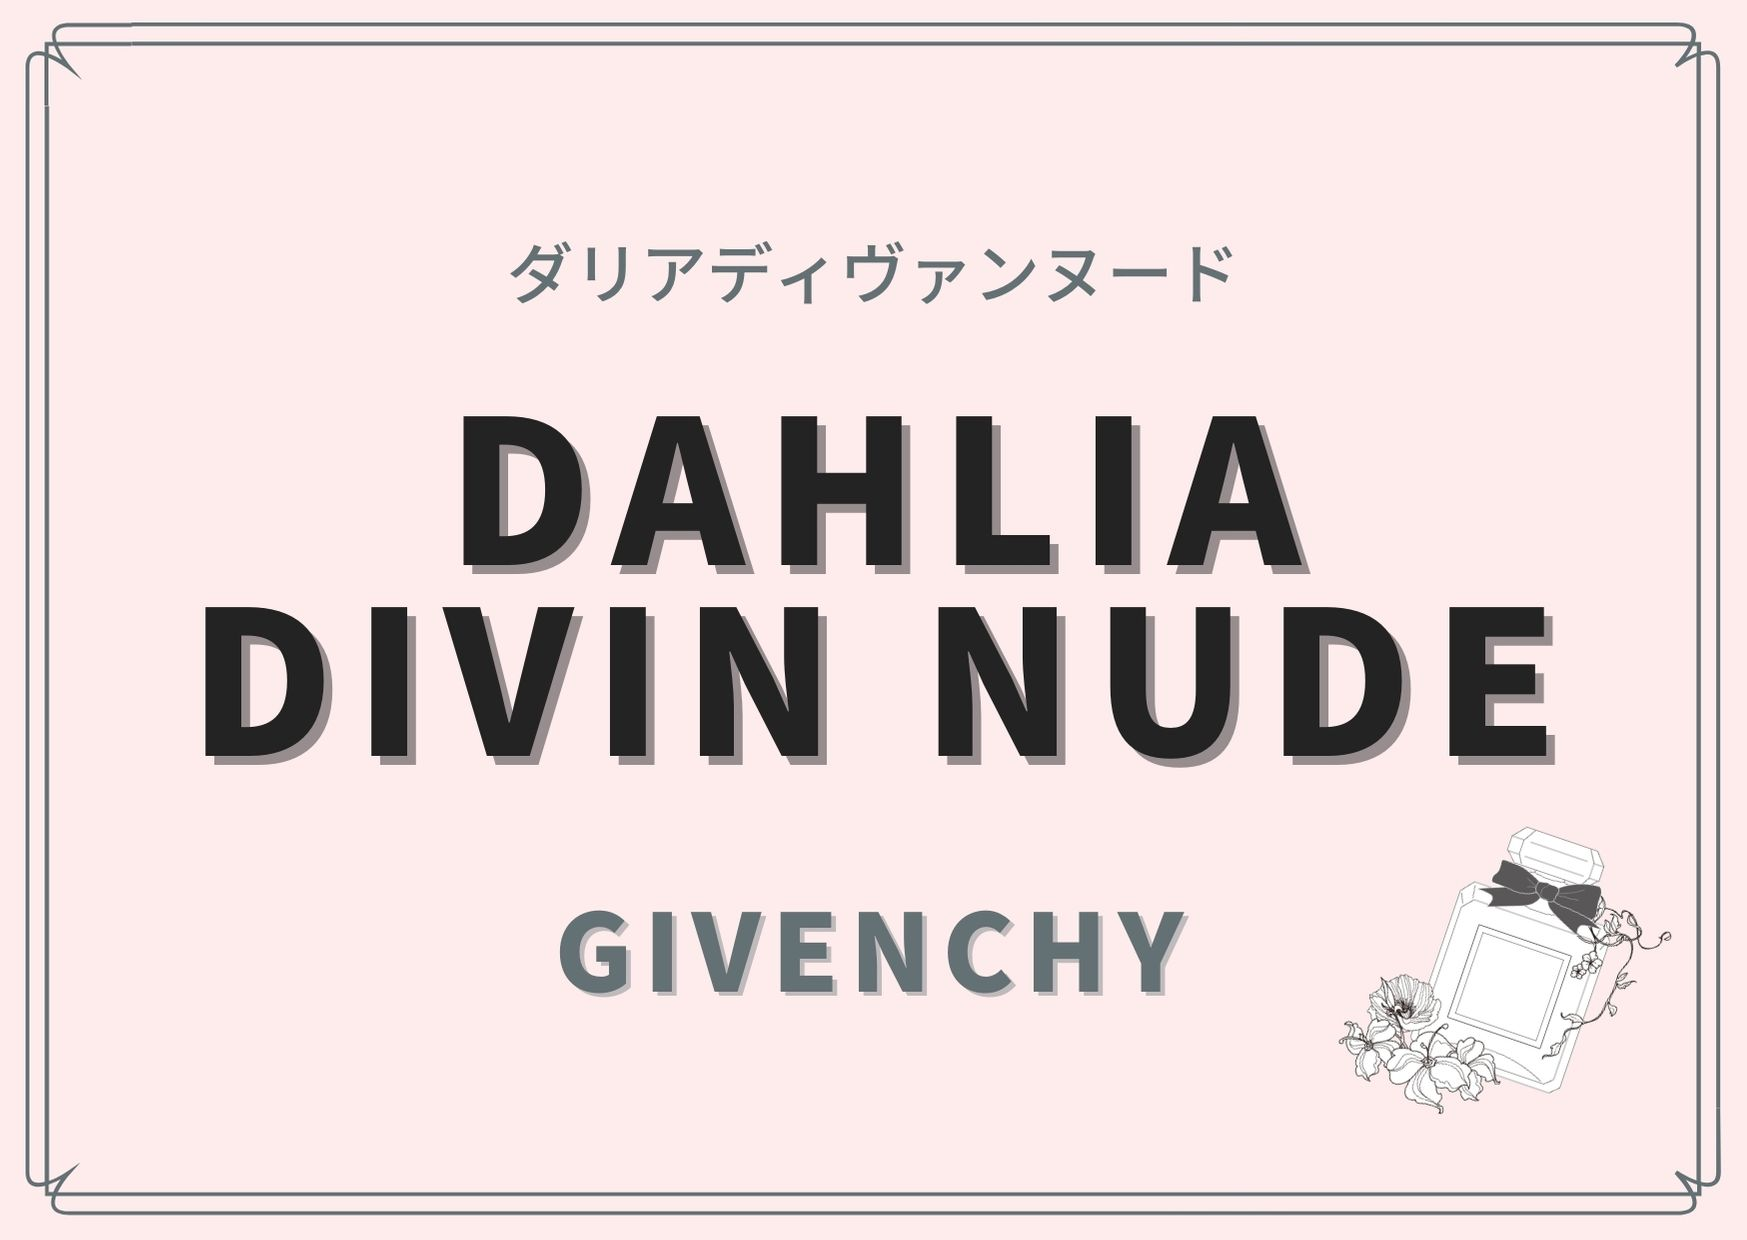 DAHLIA DIVIN  NUDE(ダリアディヴァンヌード)/GIVENCHY(ジバンシィ)